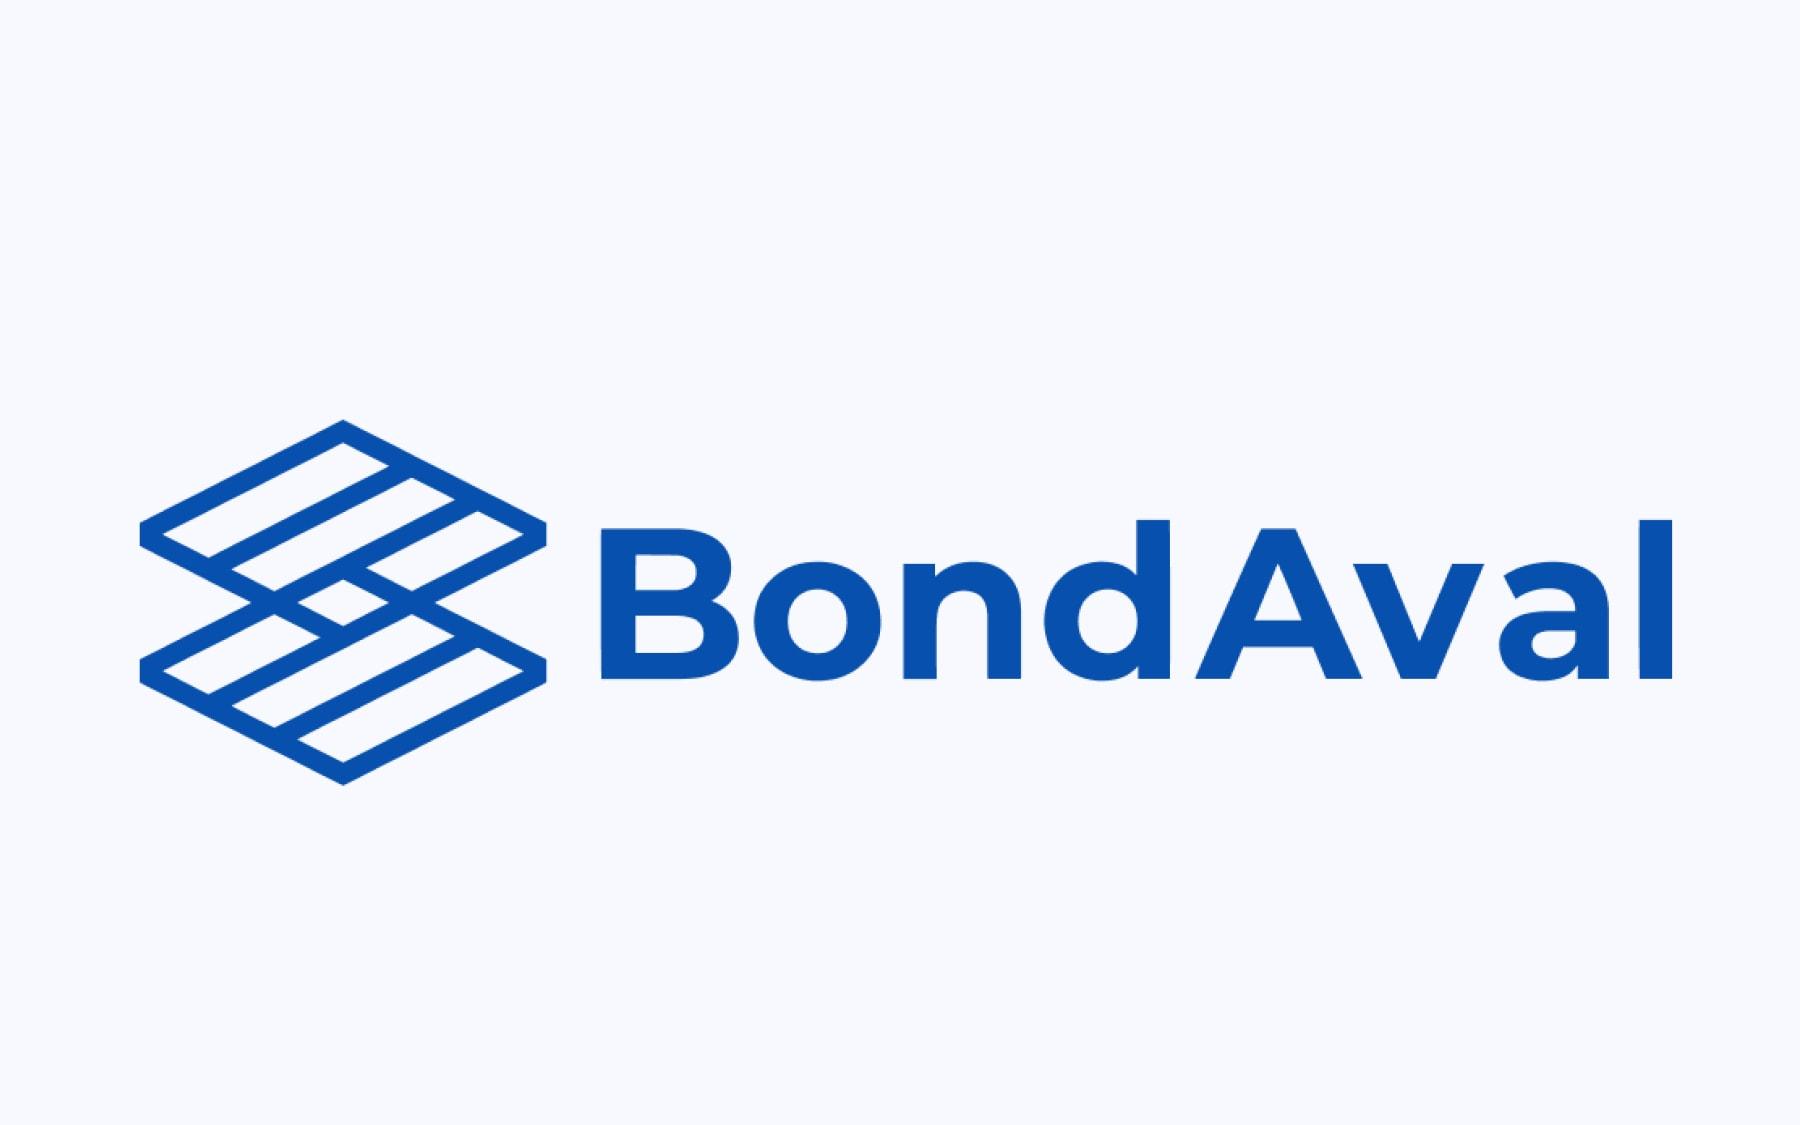 BondAval partnership